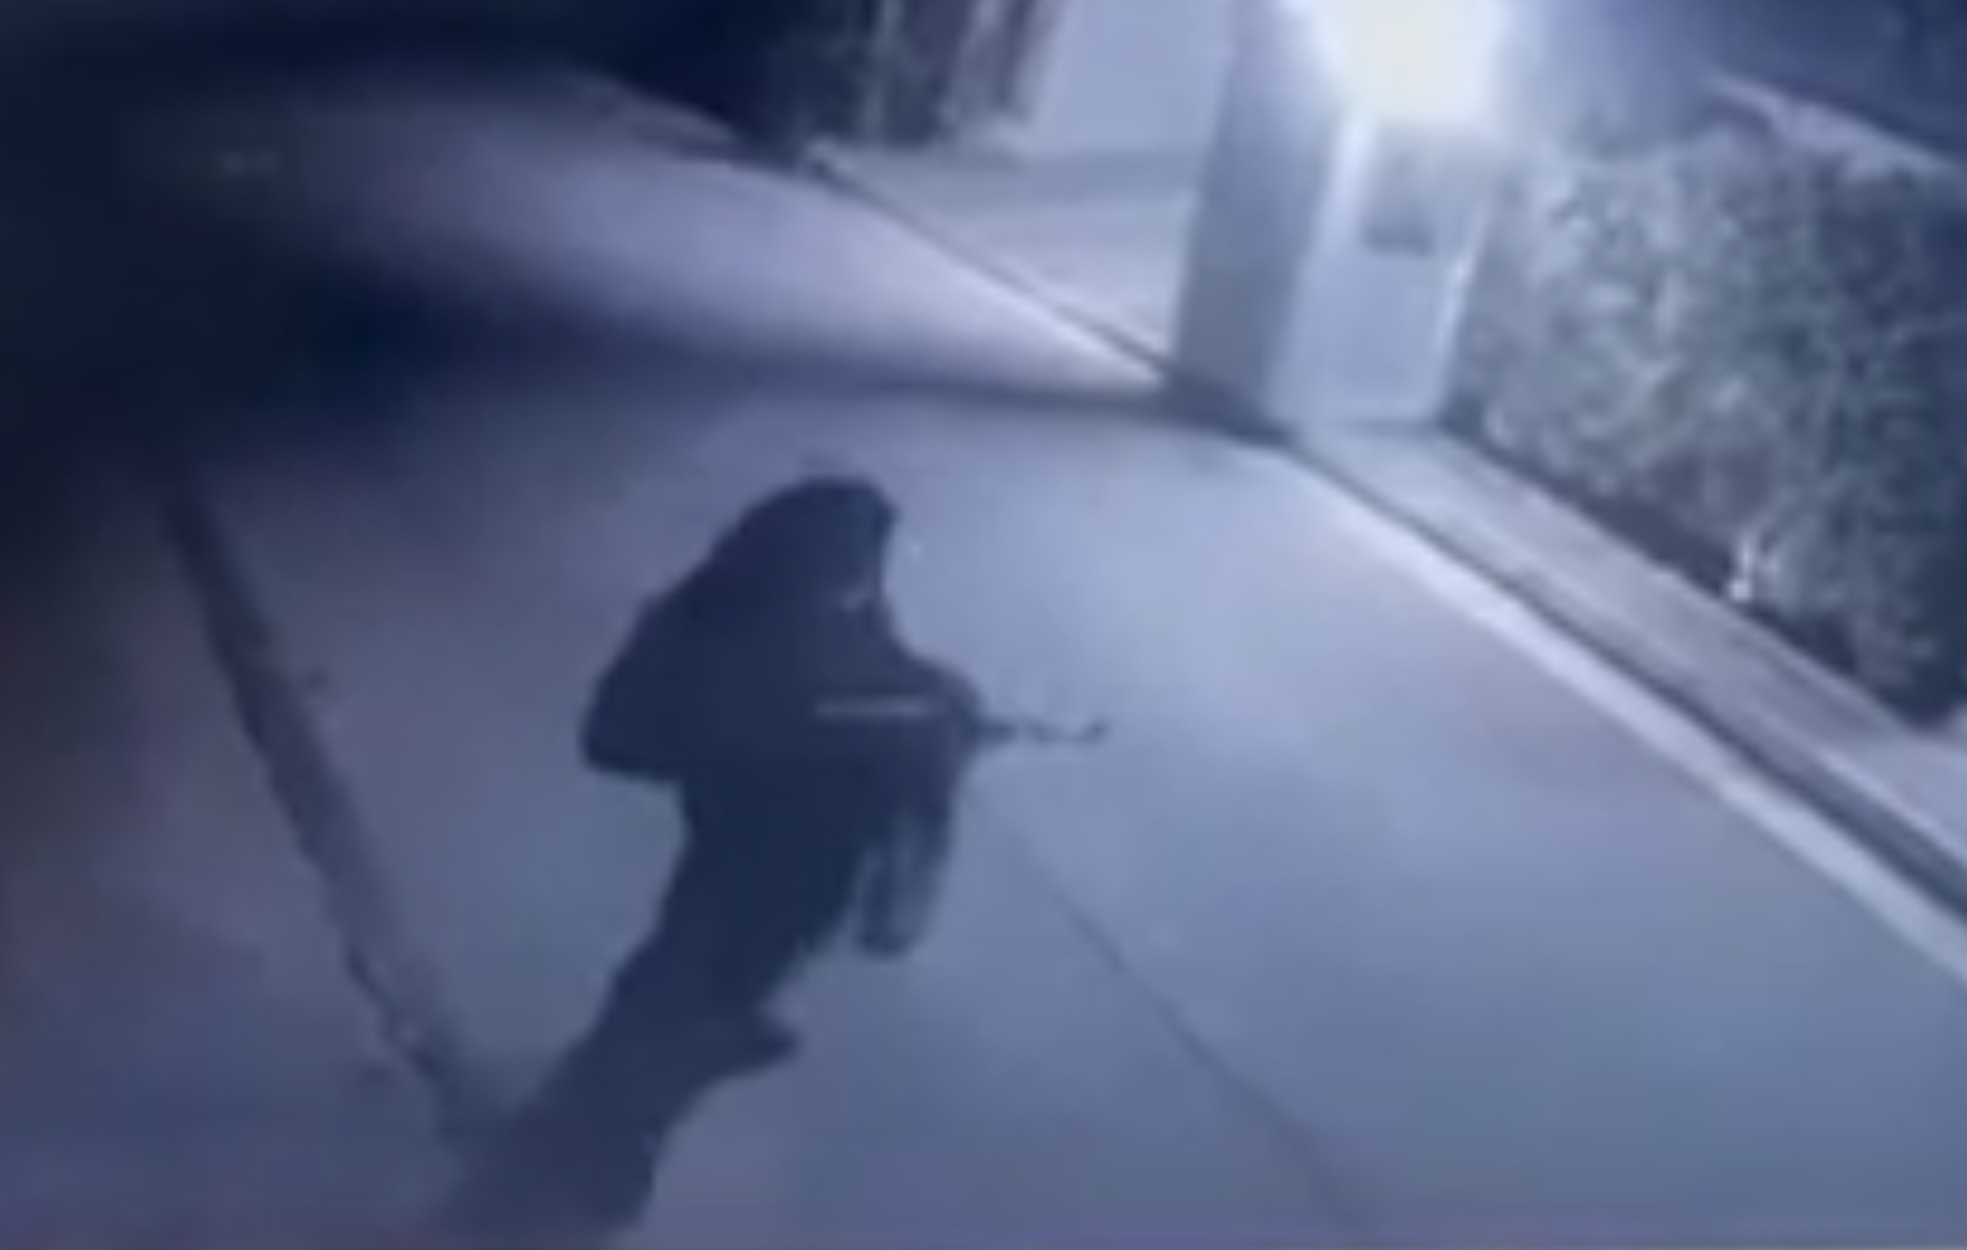 Καρέ – καρέ οι στημένες επιθέσεις στο σπίτι του Φουρθιώτη – Τι αναφέρει η δικογραφία